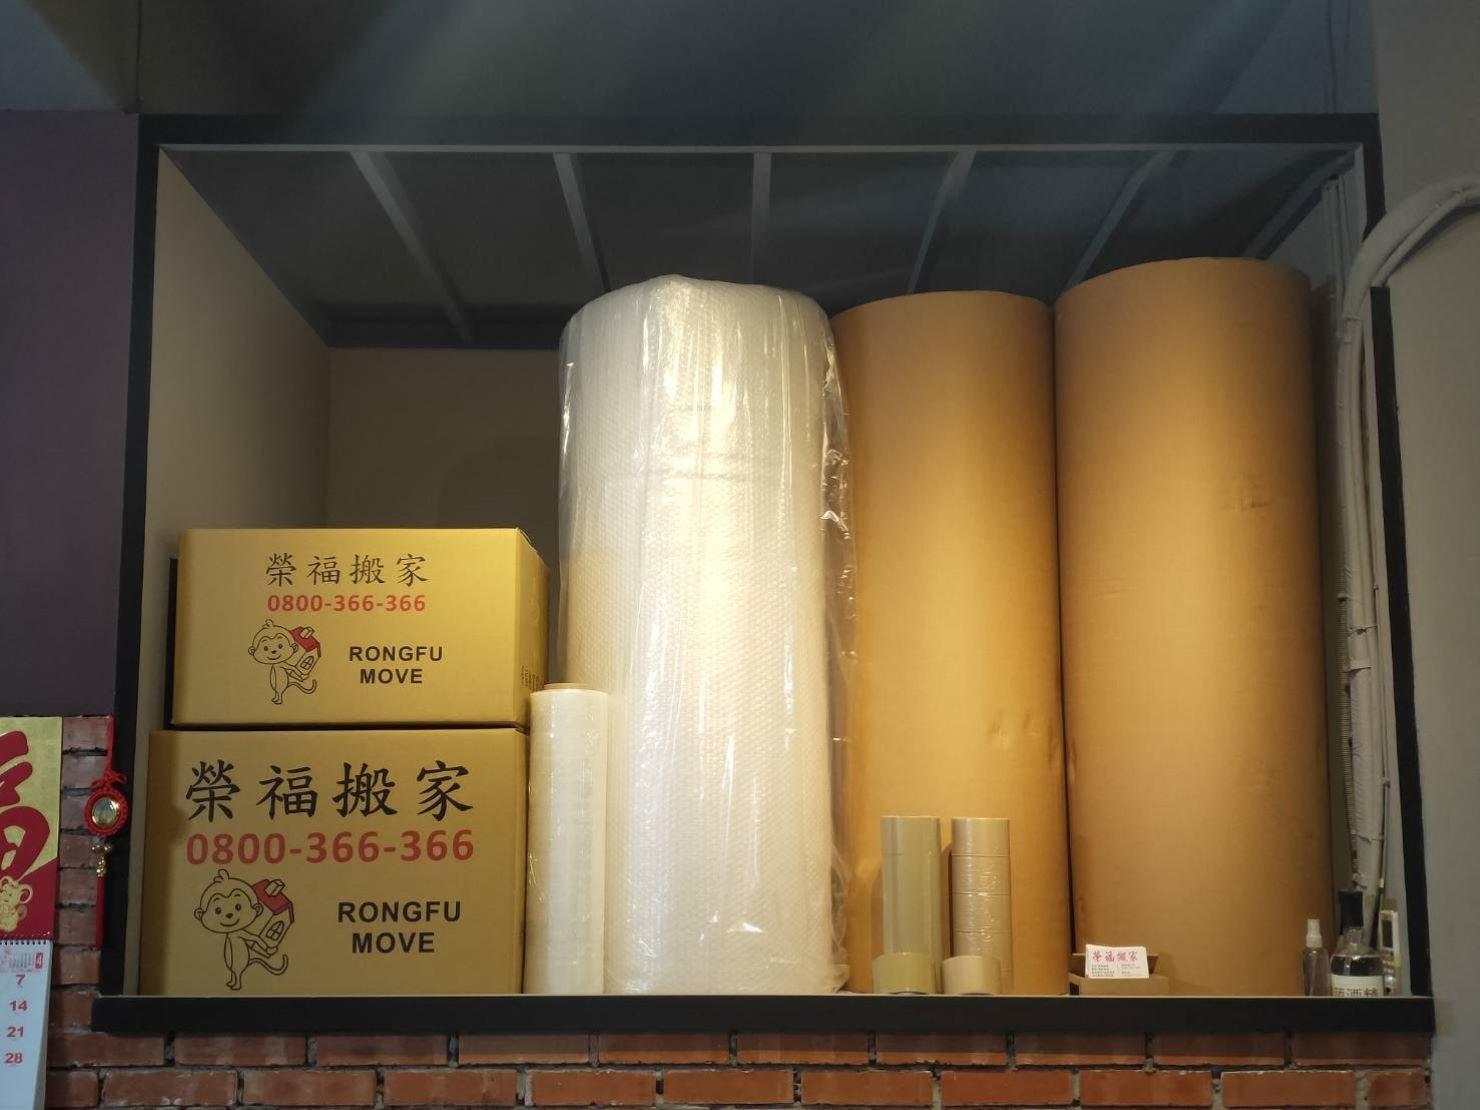 【搬家包裝耗材】各種紙類包材商品販售《搬家專用紙箱》